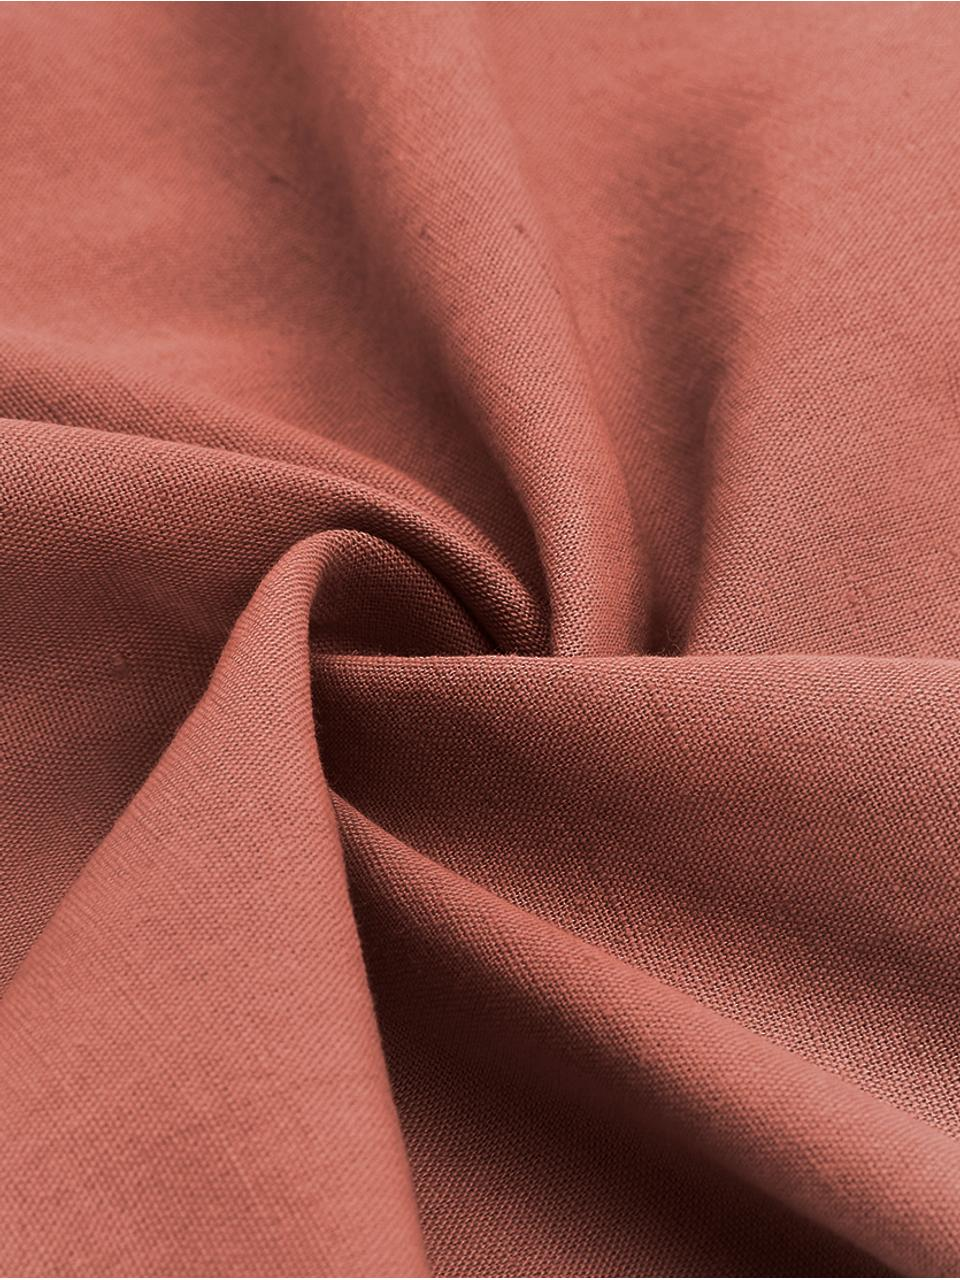 Gewaschene Leinen-Bettwäsche Nature in Terrakotta, Halbleinen (52% Leinen, 48% Baumwolle)  Fadendichte 108 TC, Standard Qualität  Halbleinen hat von Natur aus einen kernigen Griff und einen natürlichen Knitterlook, der durch den Stonewash-Effekt verstärkt wird. Es absorbiert bis zu 35% Luftfeuchtigkeit, trocknet sehr schnell und wirkt in Sommernächten angenehm kühlend. Die hohe Reißfestigkeit macht Halbleinen scheuerfest und strapazierfähig., Terrakotta, 135 x 200 cm + 1 Kissen 80 x 80 cm